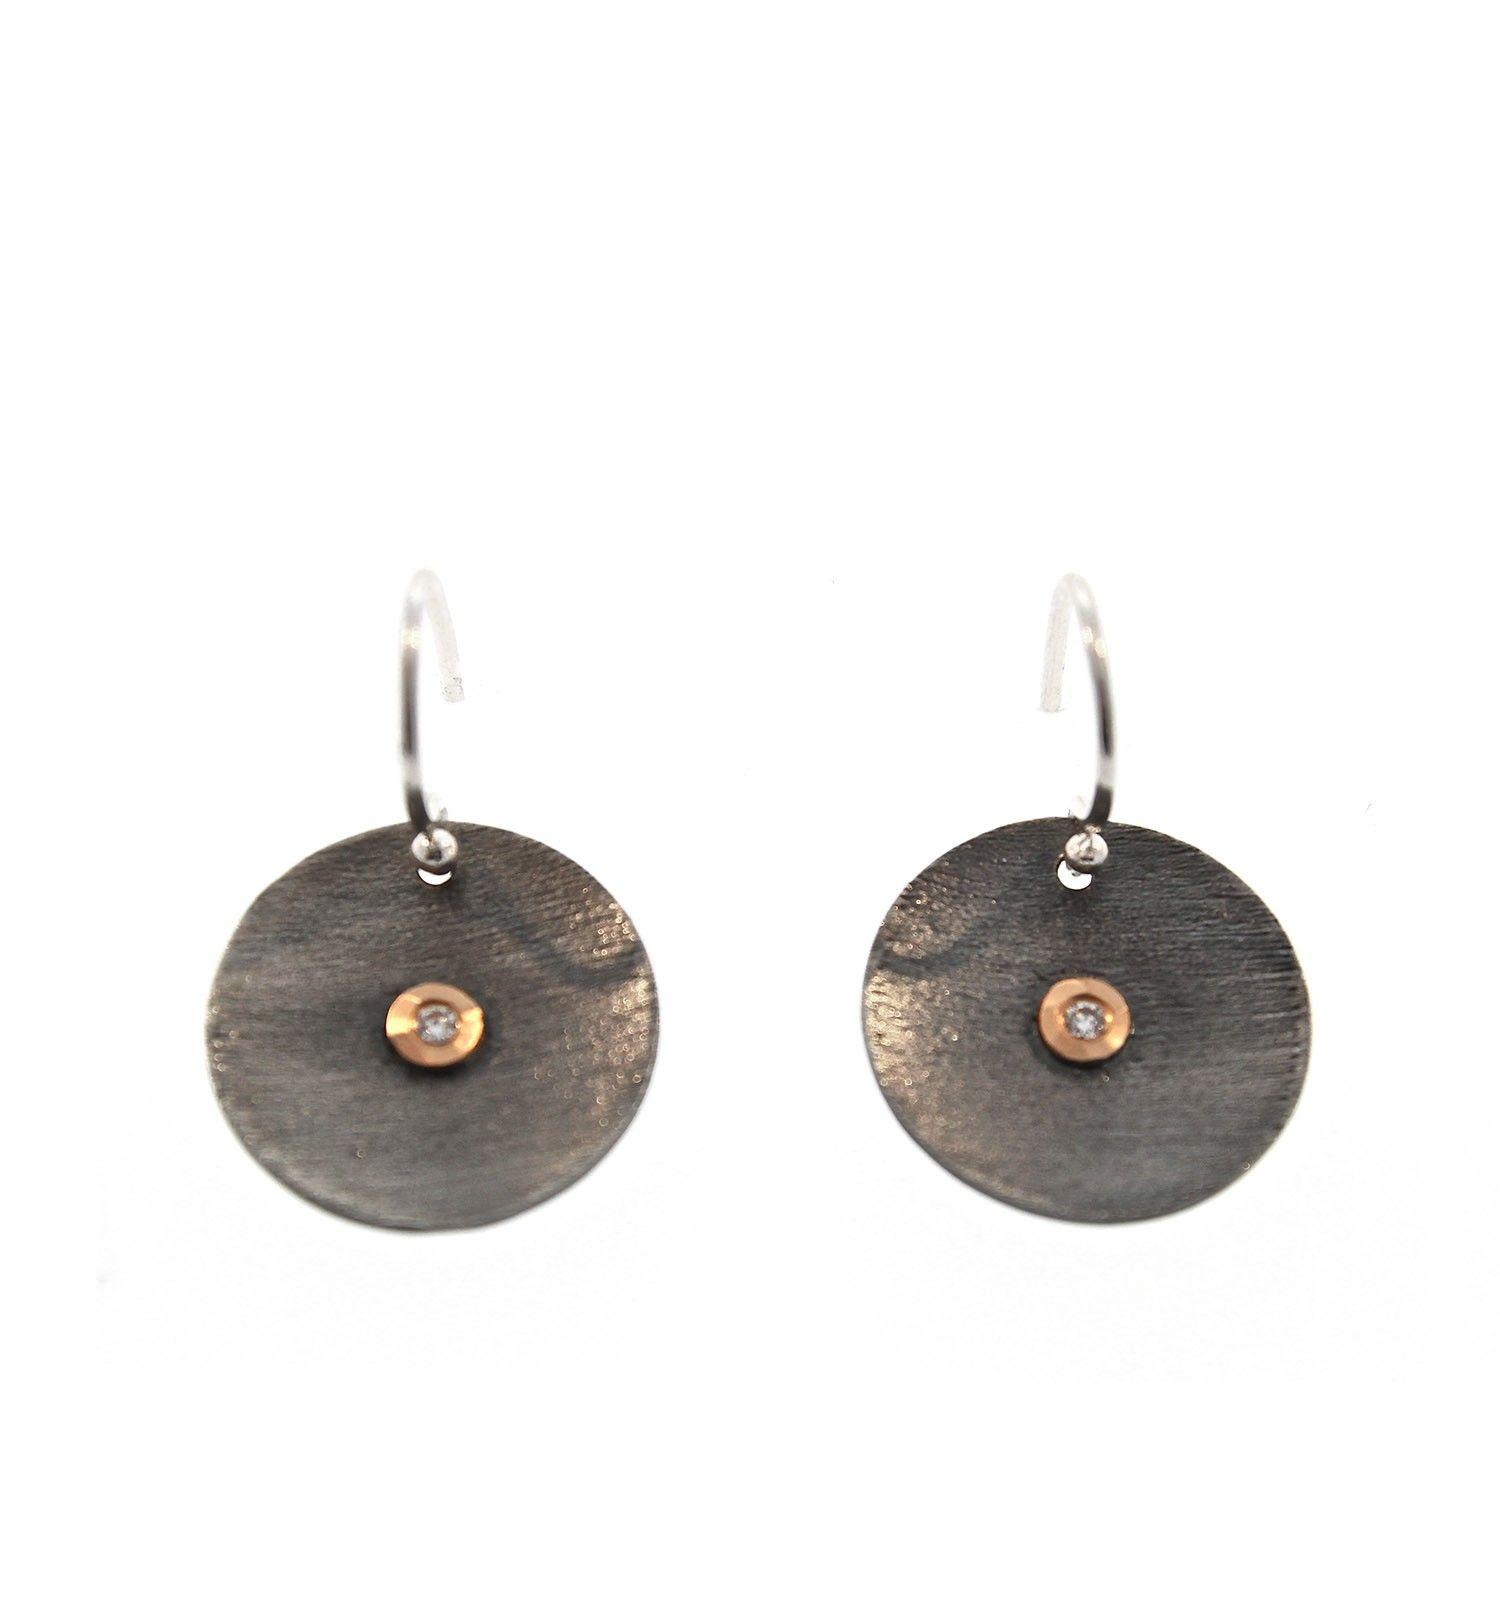 David Tishbi Black Disc Earring - White Diamond in Gold Bezel Black Disc Earrings